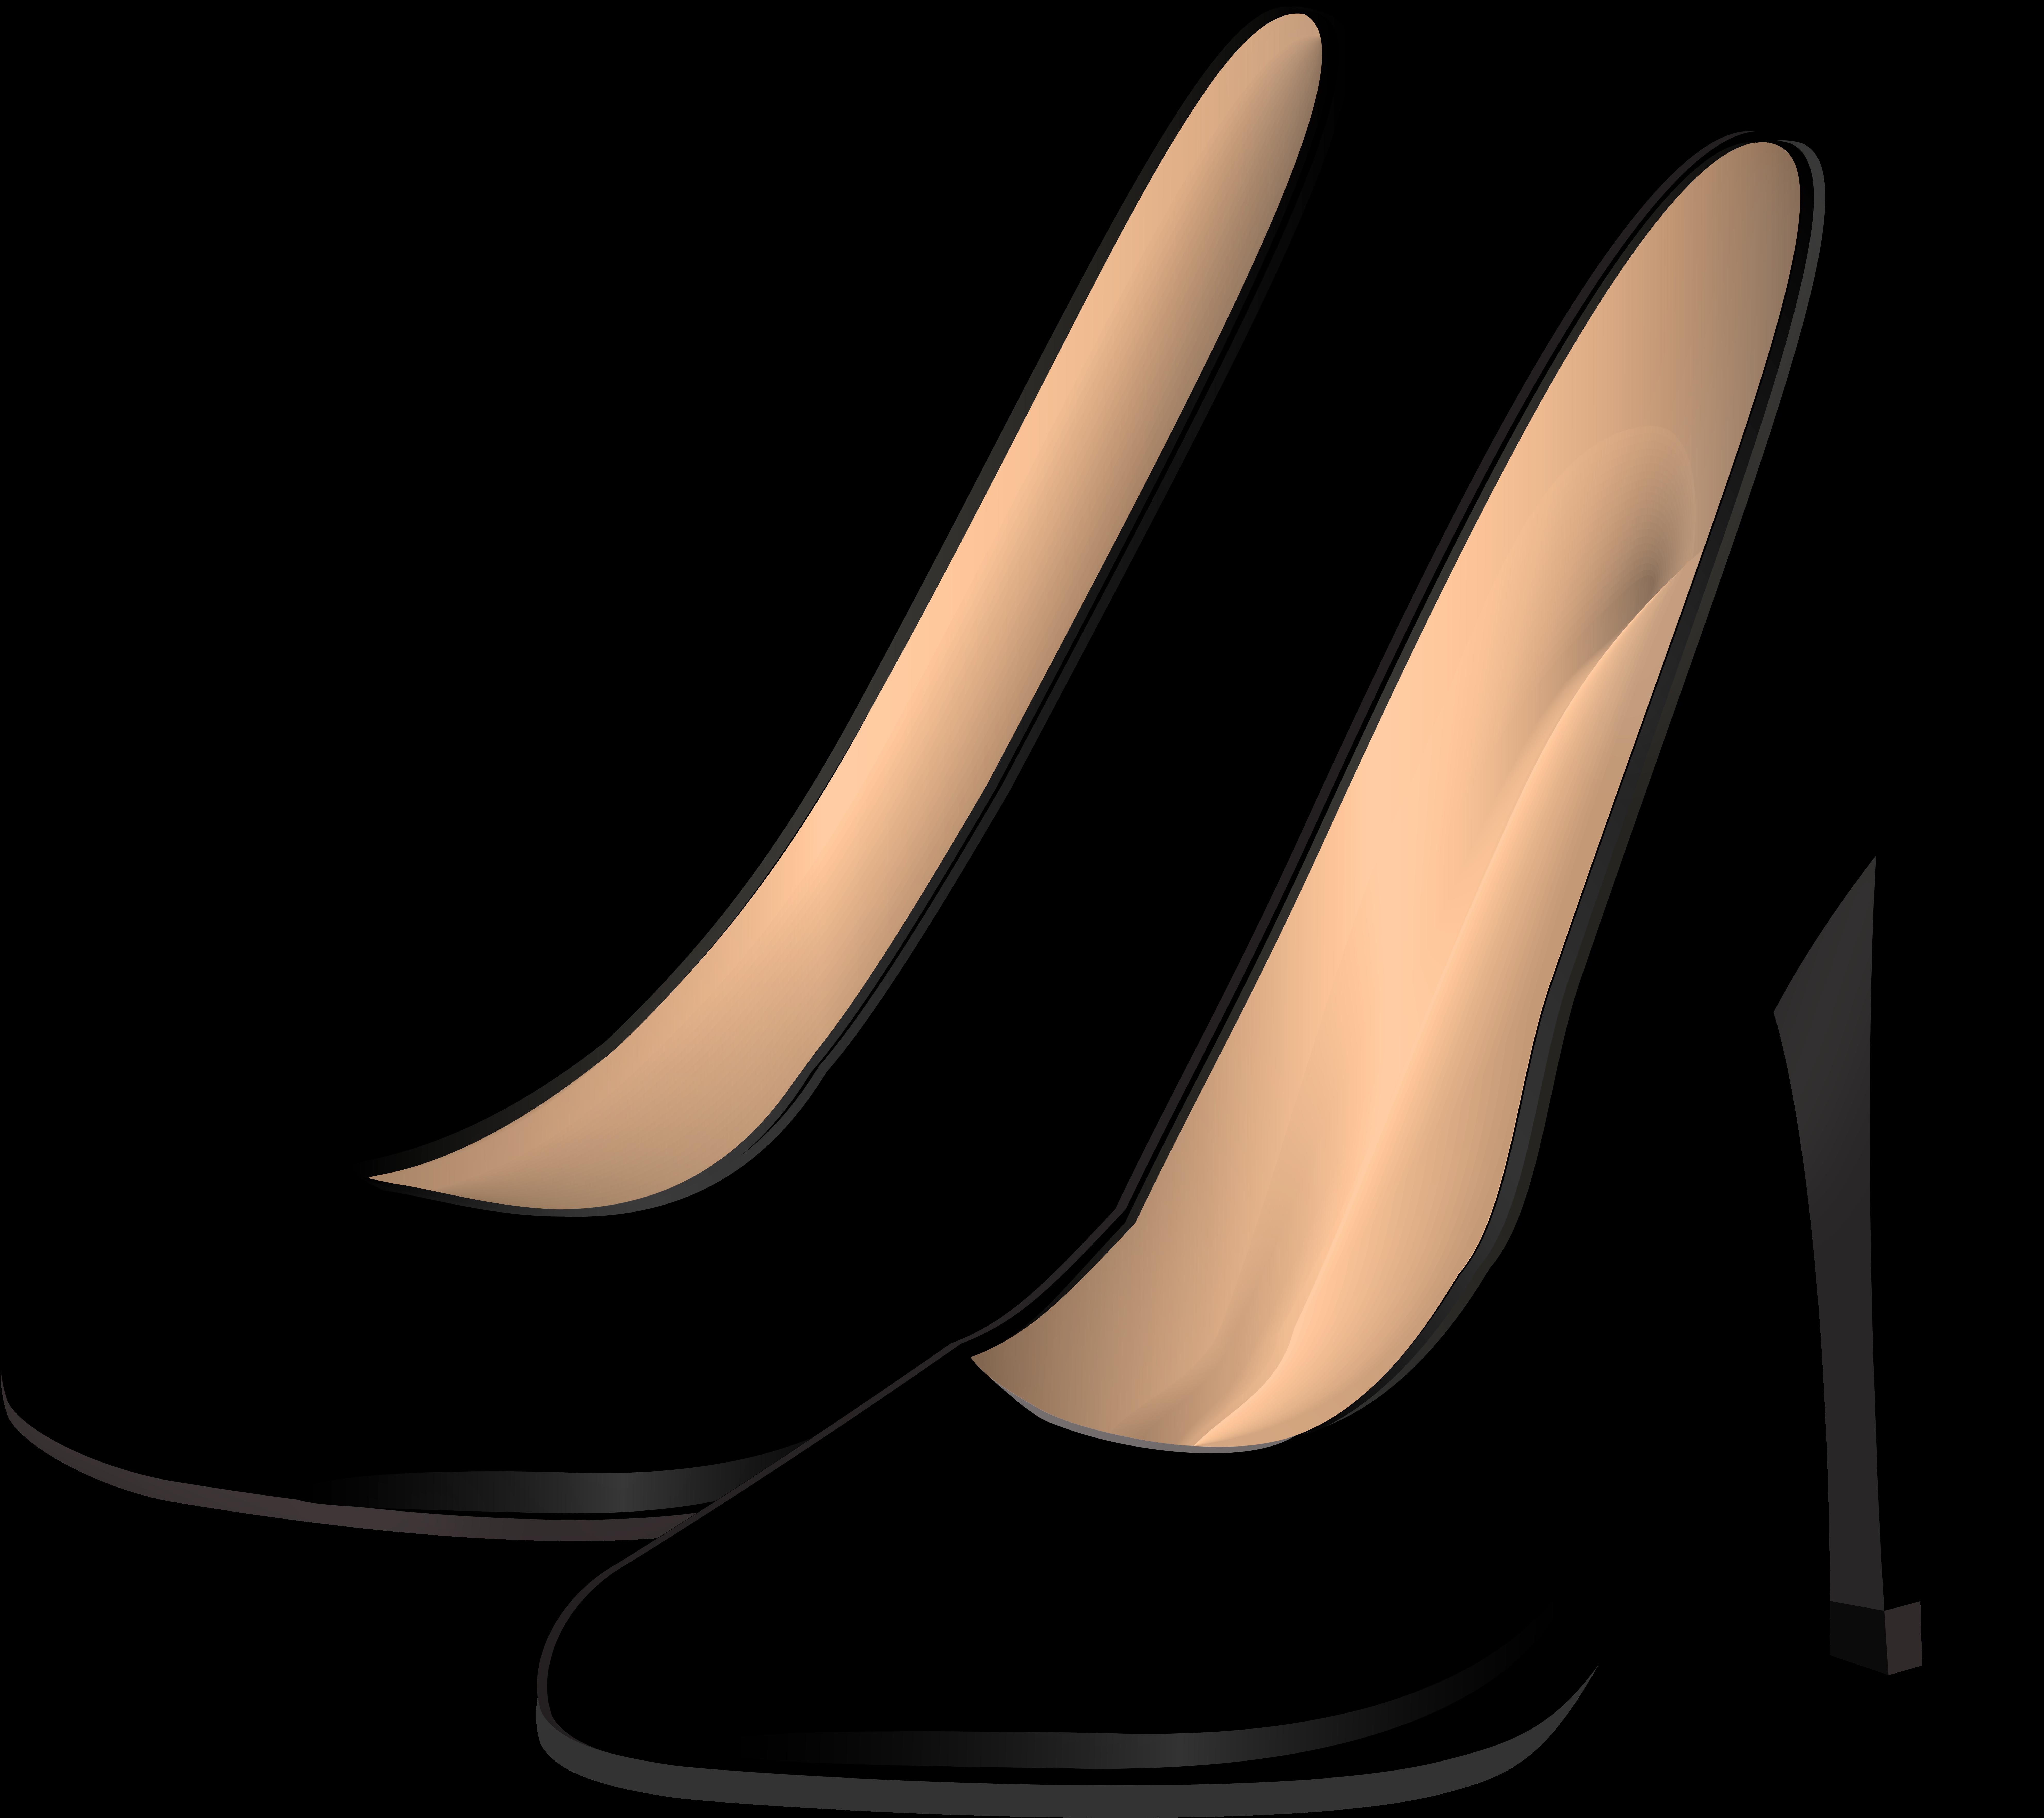 Обувь женская картинки без фона